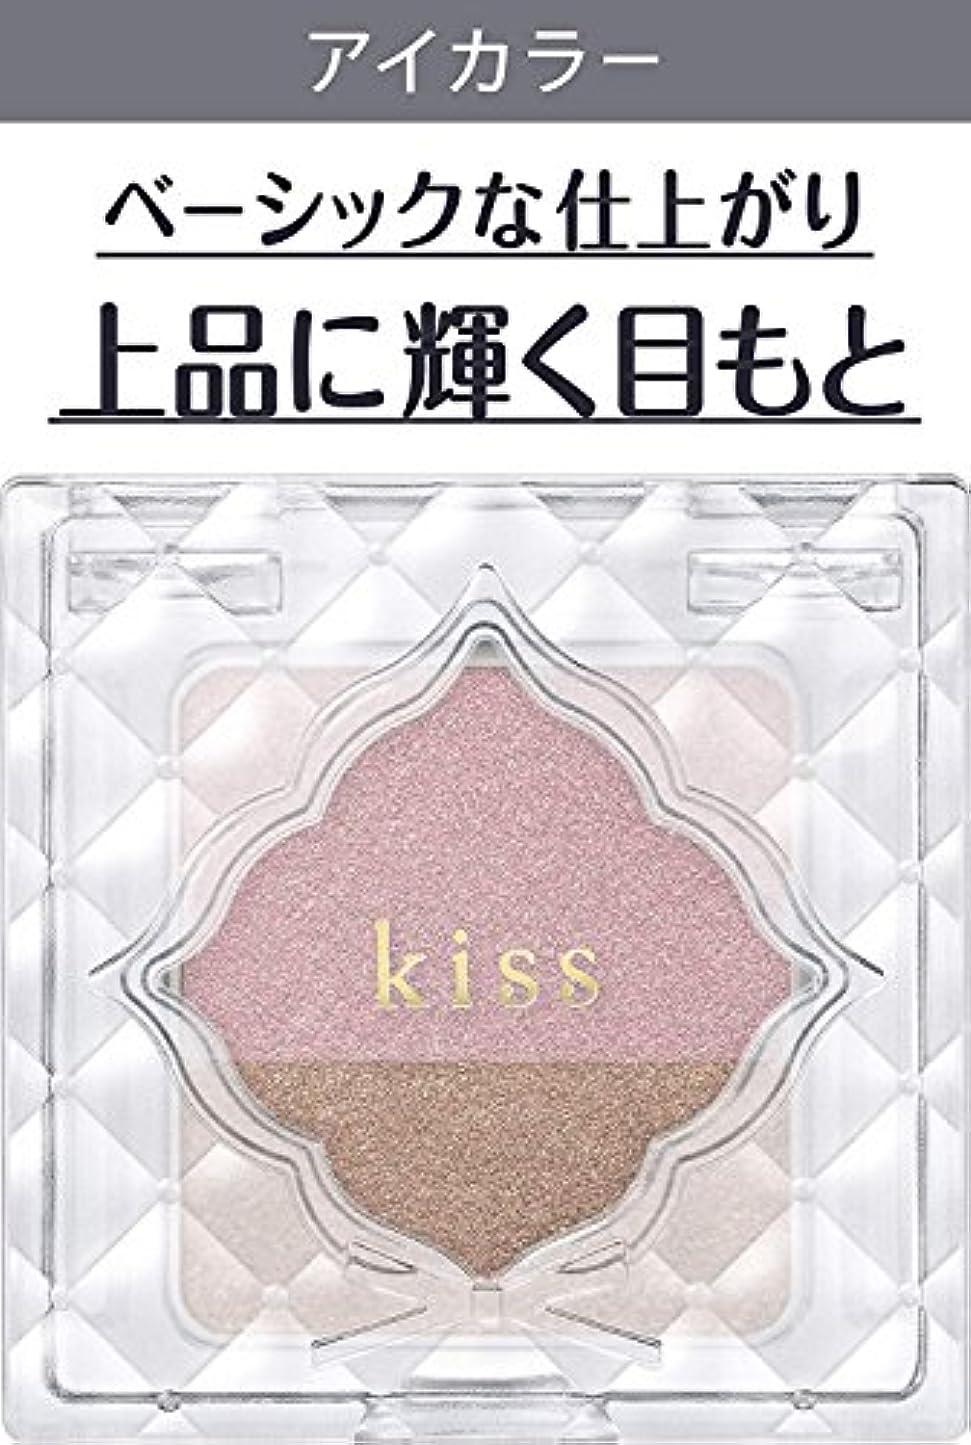 弾力性のある飲料収束キス デュアルアイズ B05 AmourSecret ダスティーピンク×ピンクベージュ